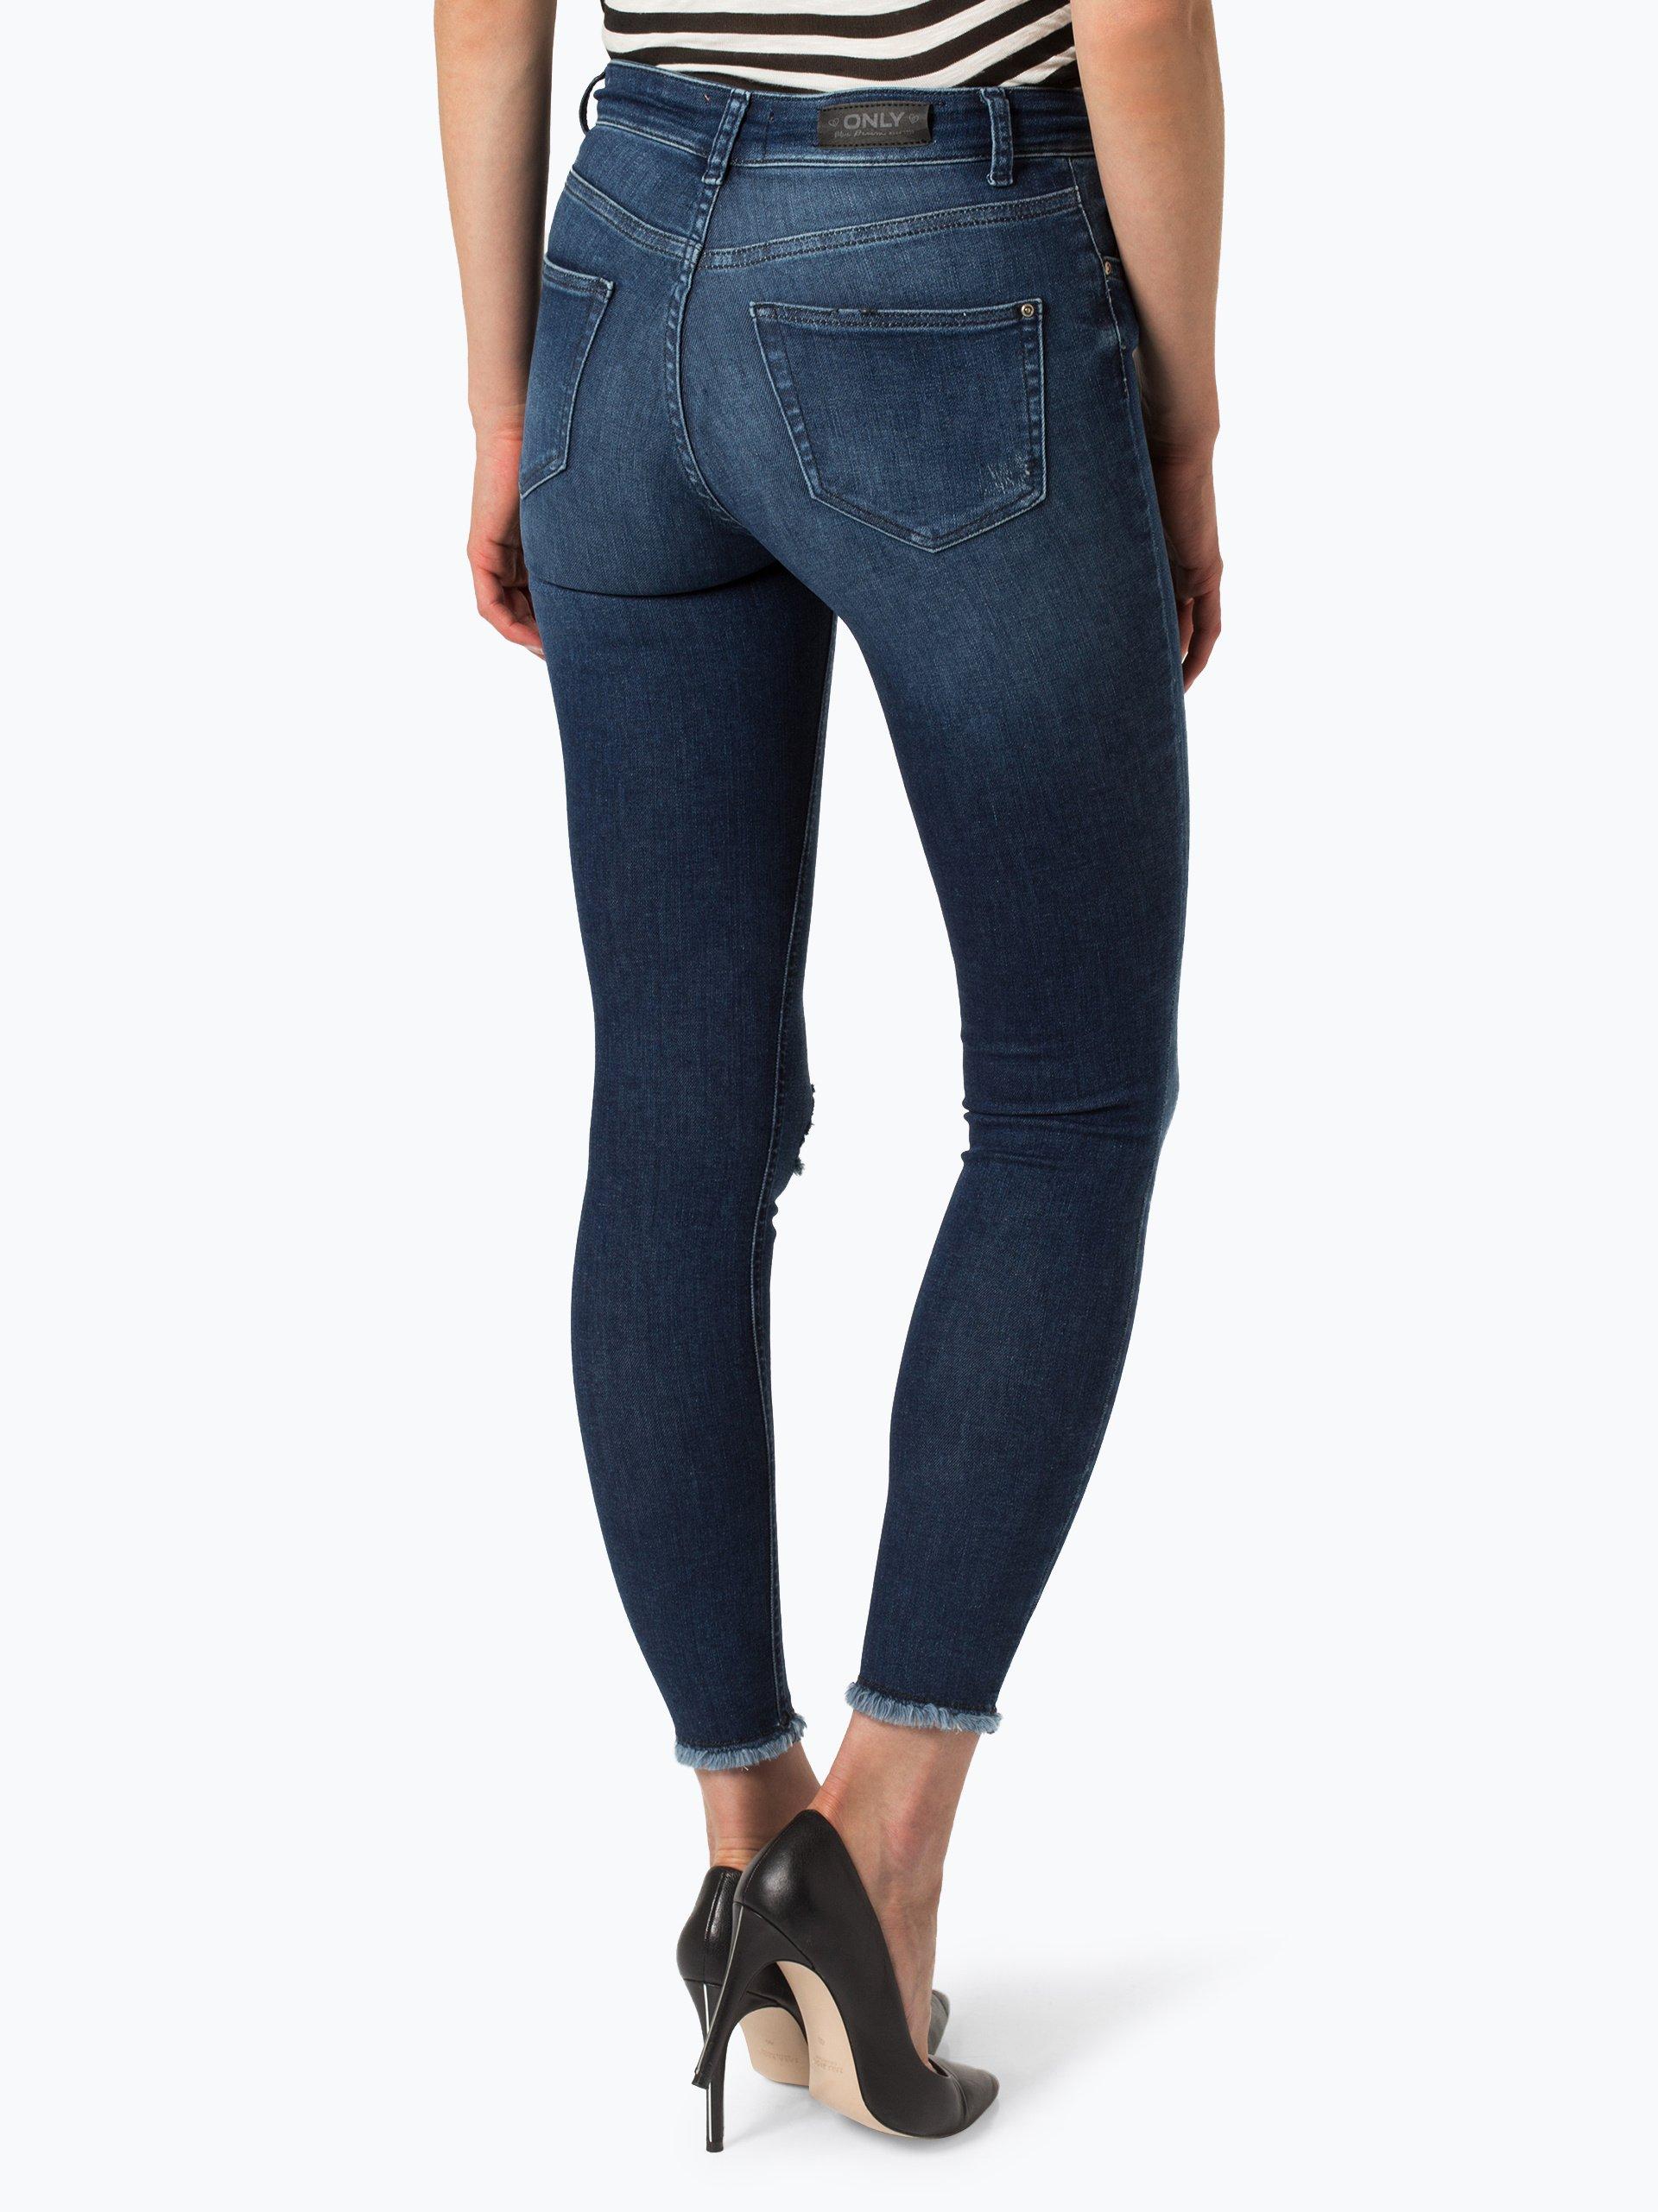 ONLY Damen Jeans - Blush